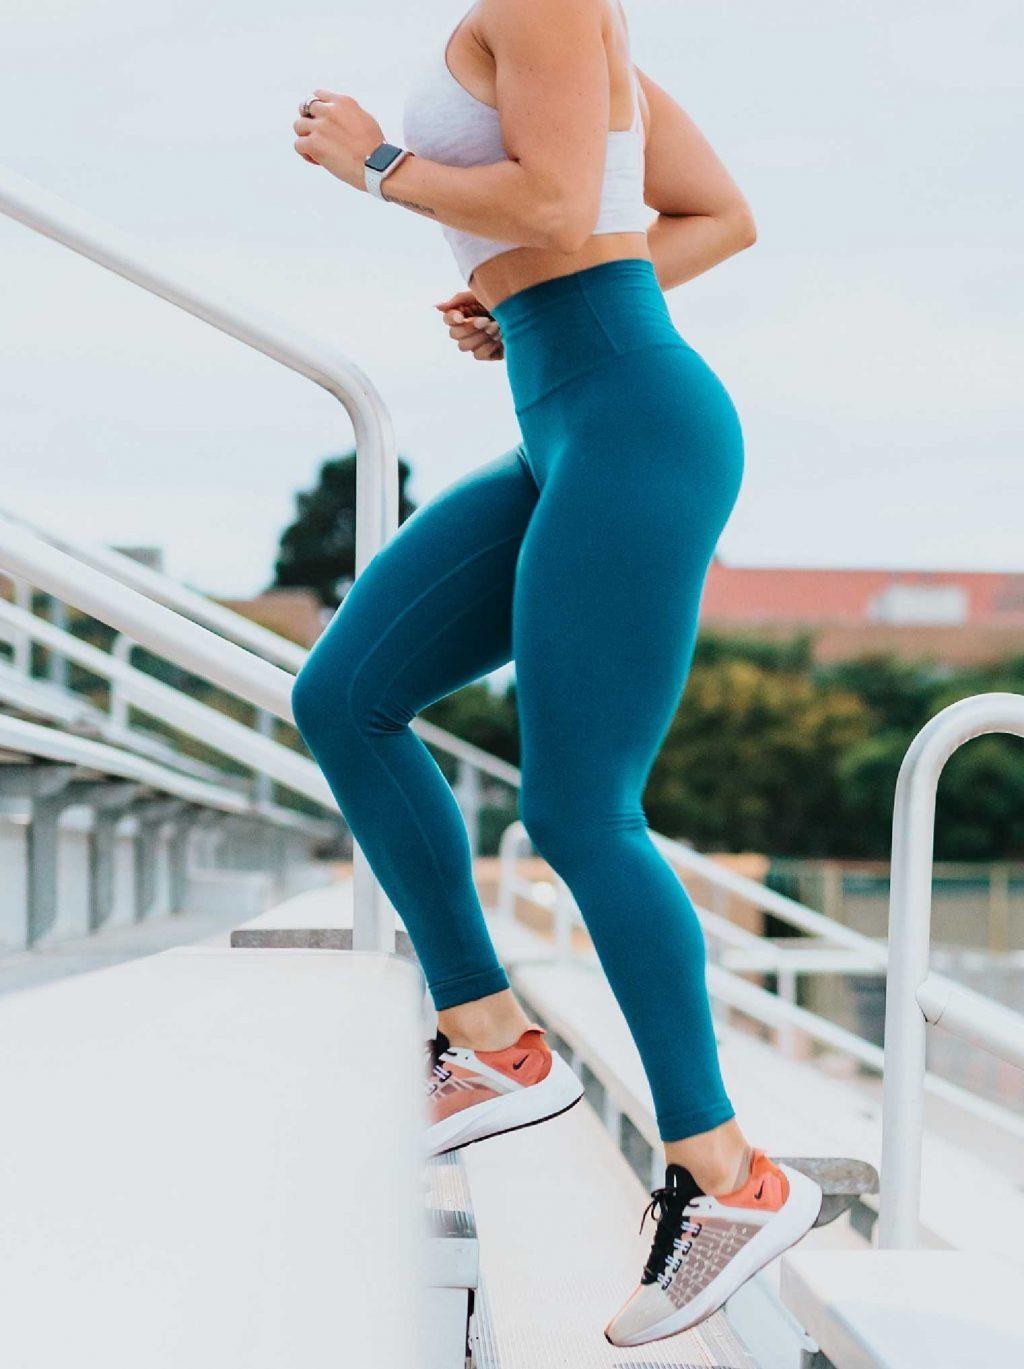 lợi ích của việc tập thể dục 9